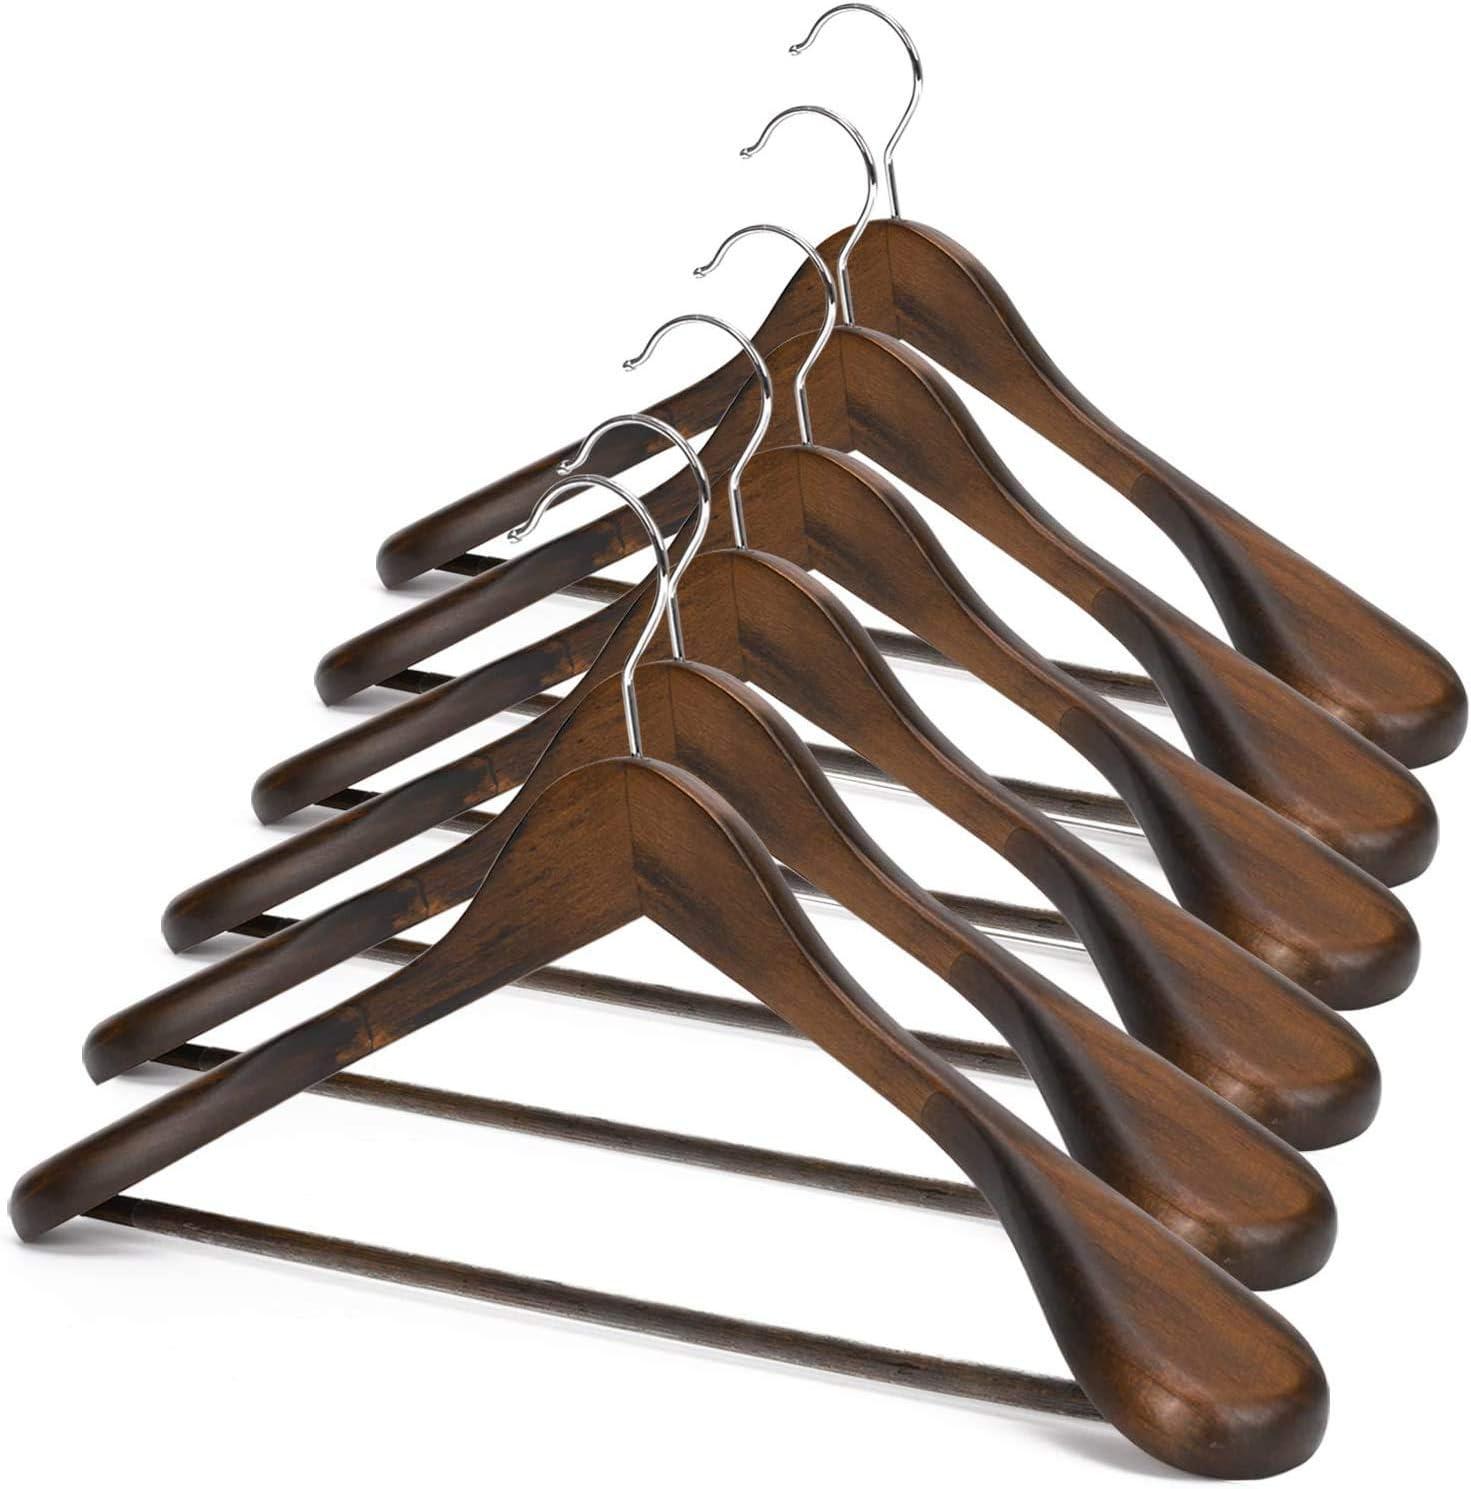 JS Max 82% OFF HANGER Wooden Suit Hangers 6 Pack C Shoulder Extra-Wide Wood Luxury